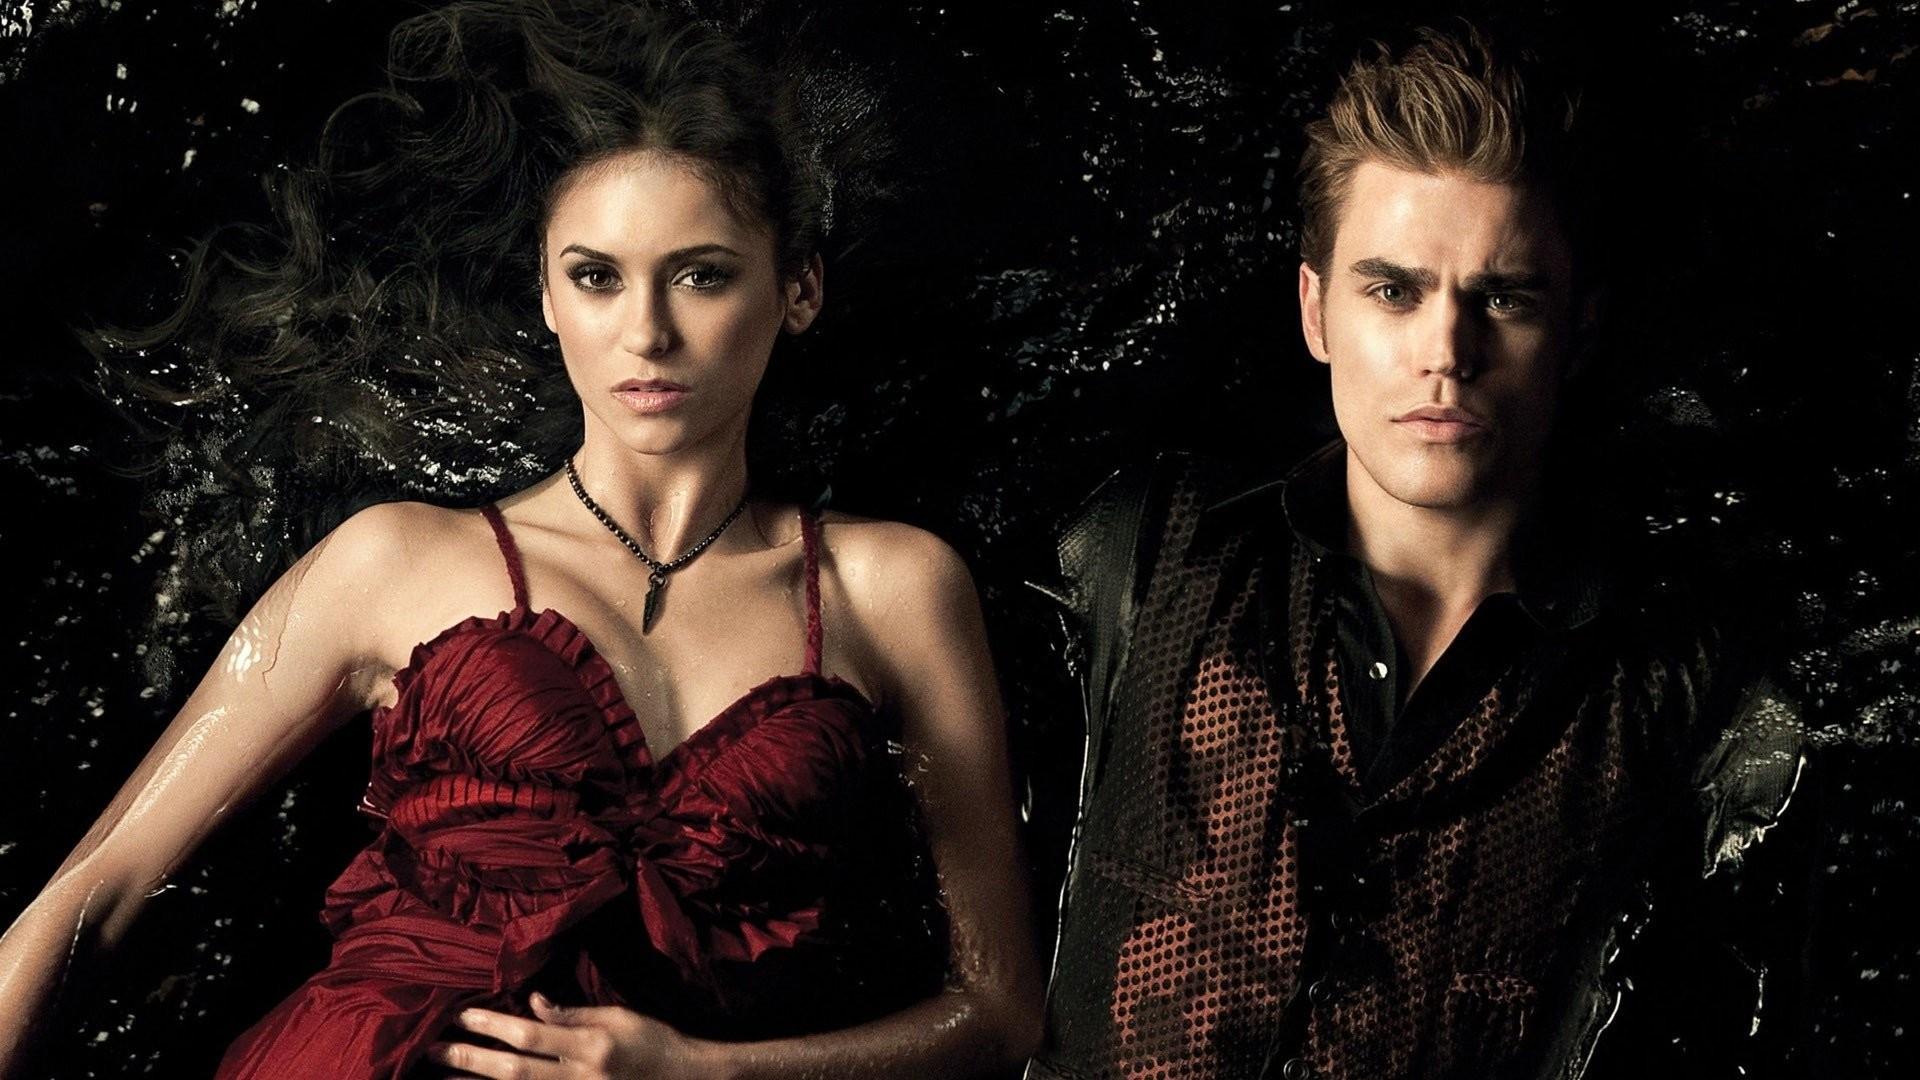 … The Vampire Diaries 1080p Wallpaper